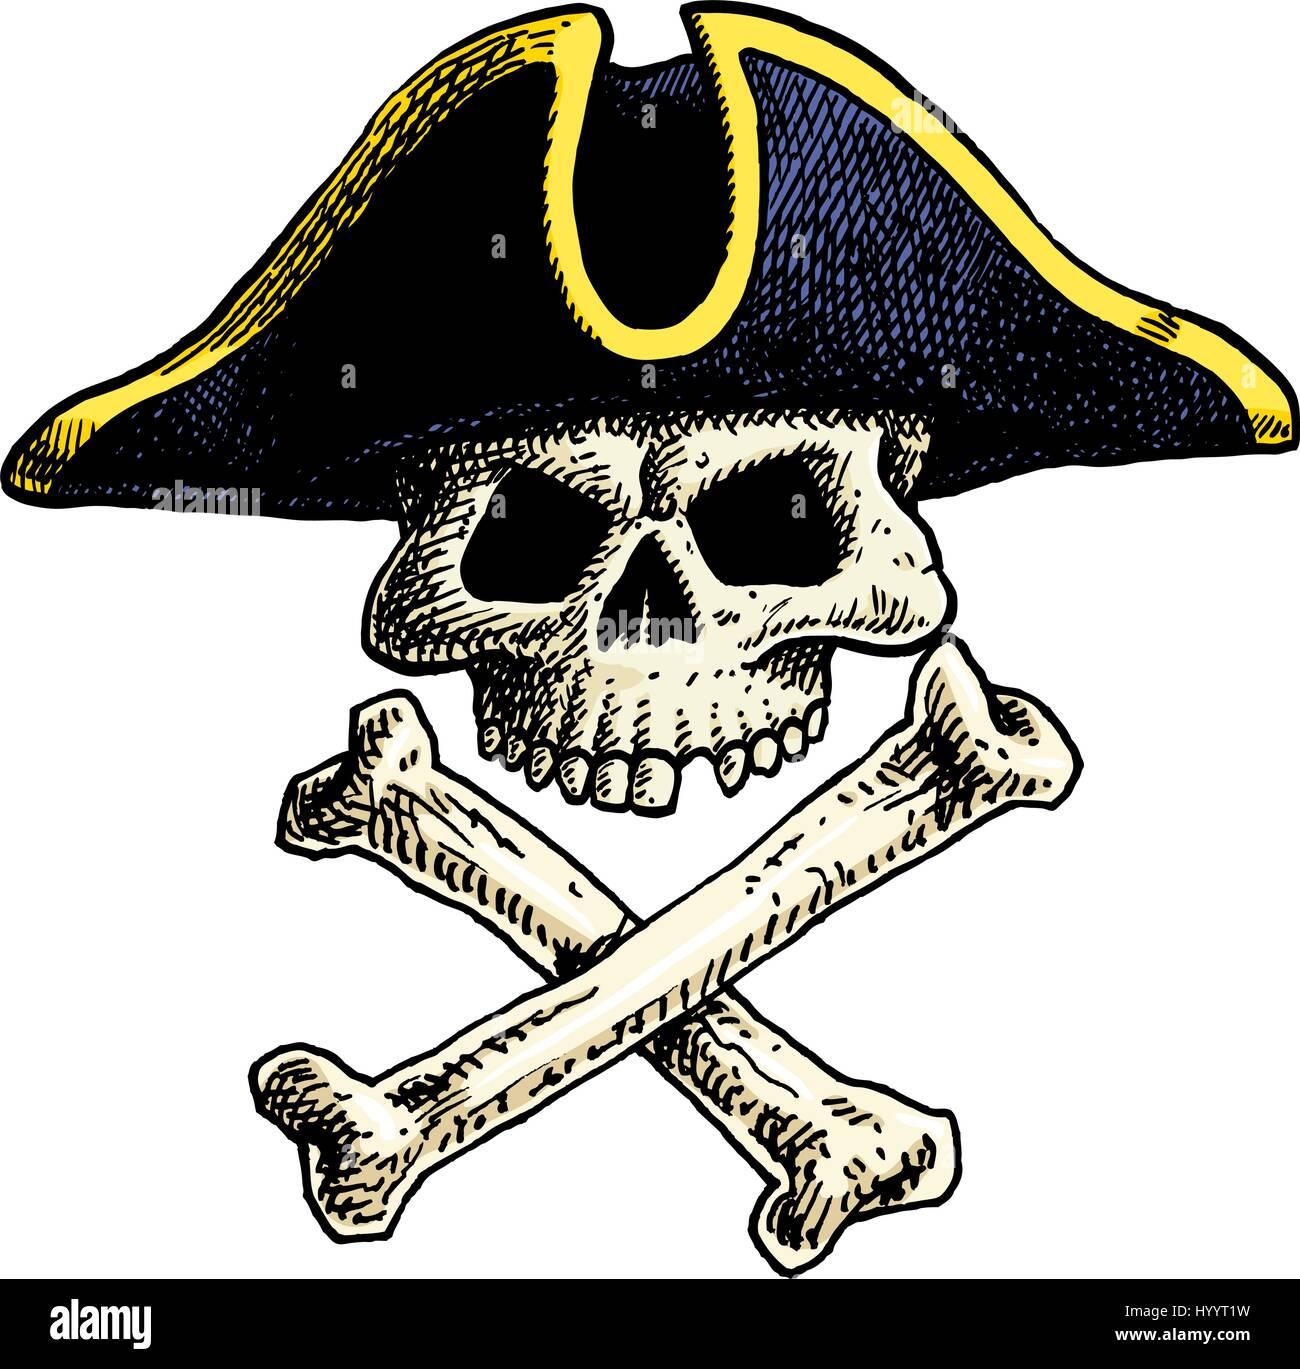 Tattoo Style Skull Illustration Stockfotos & Tattoo Style Skull ...